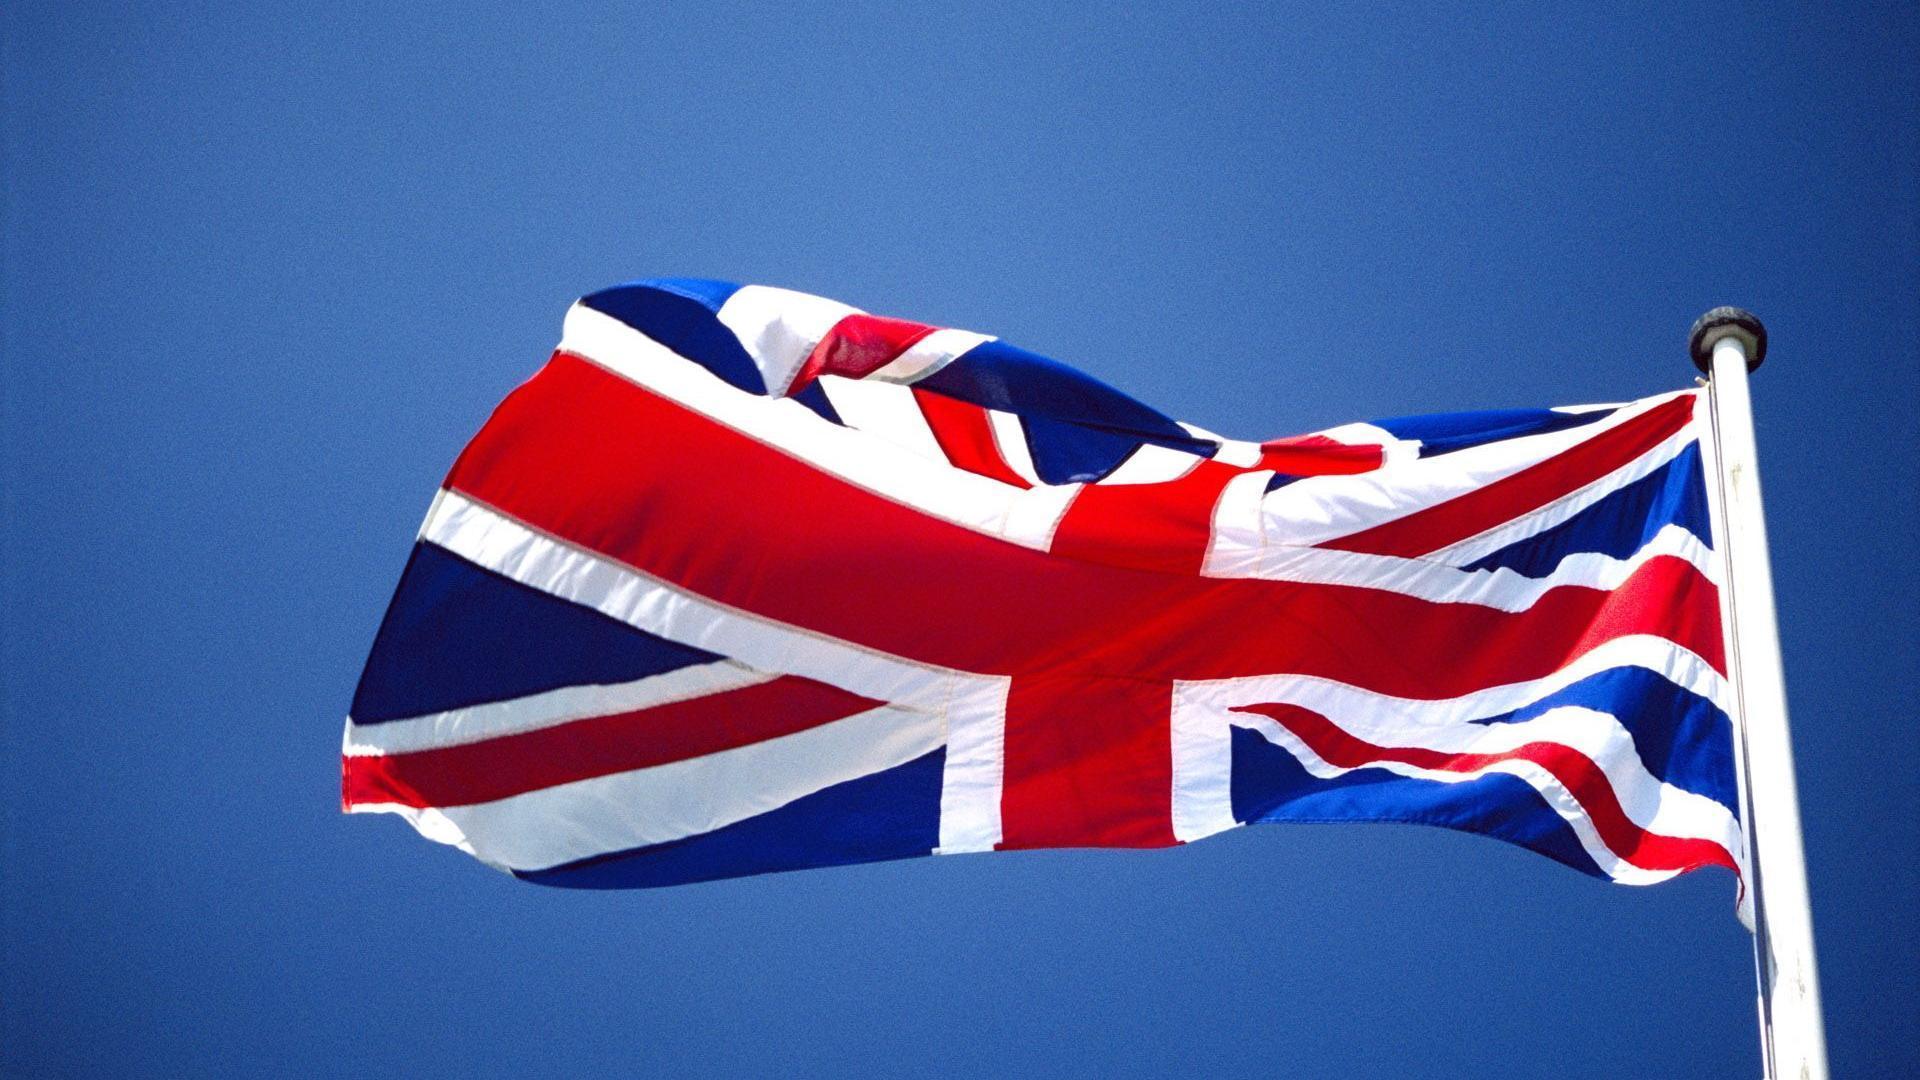 Визы в Англию онлайн - можно ли открыть?